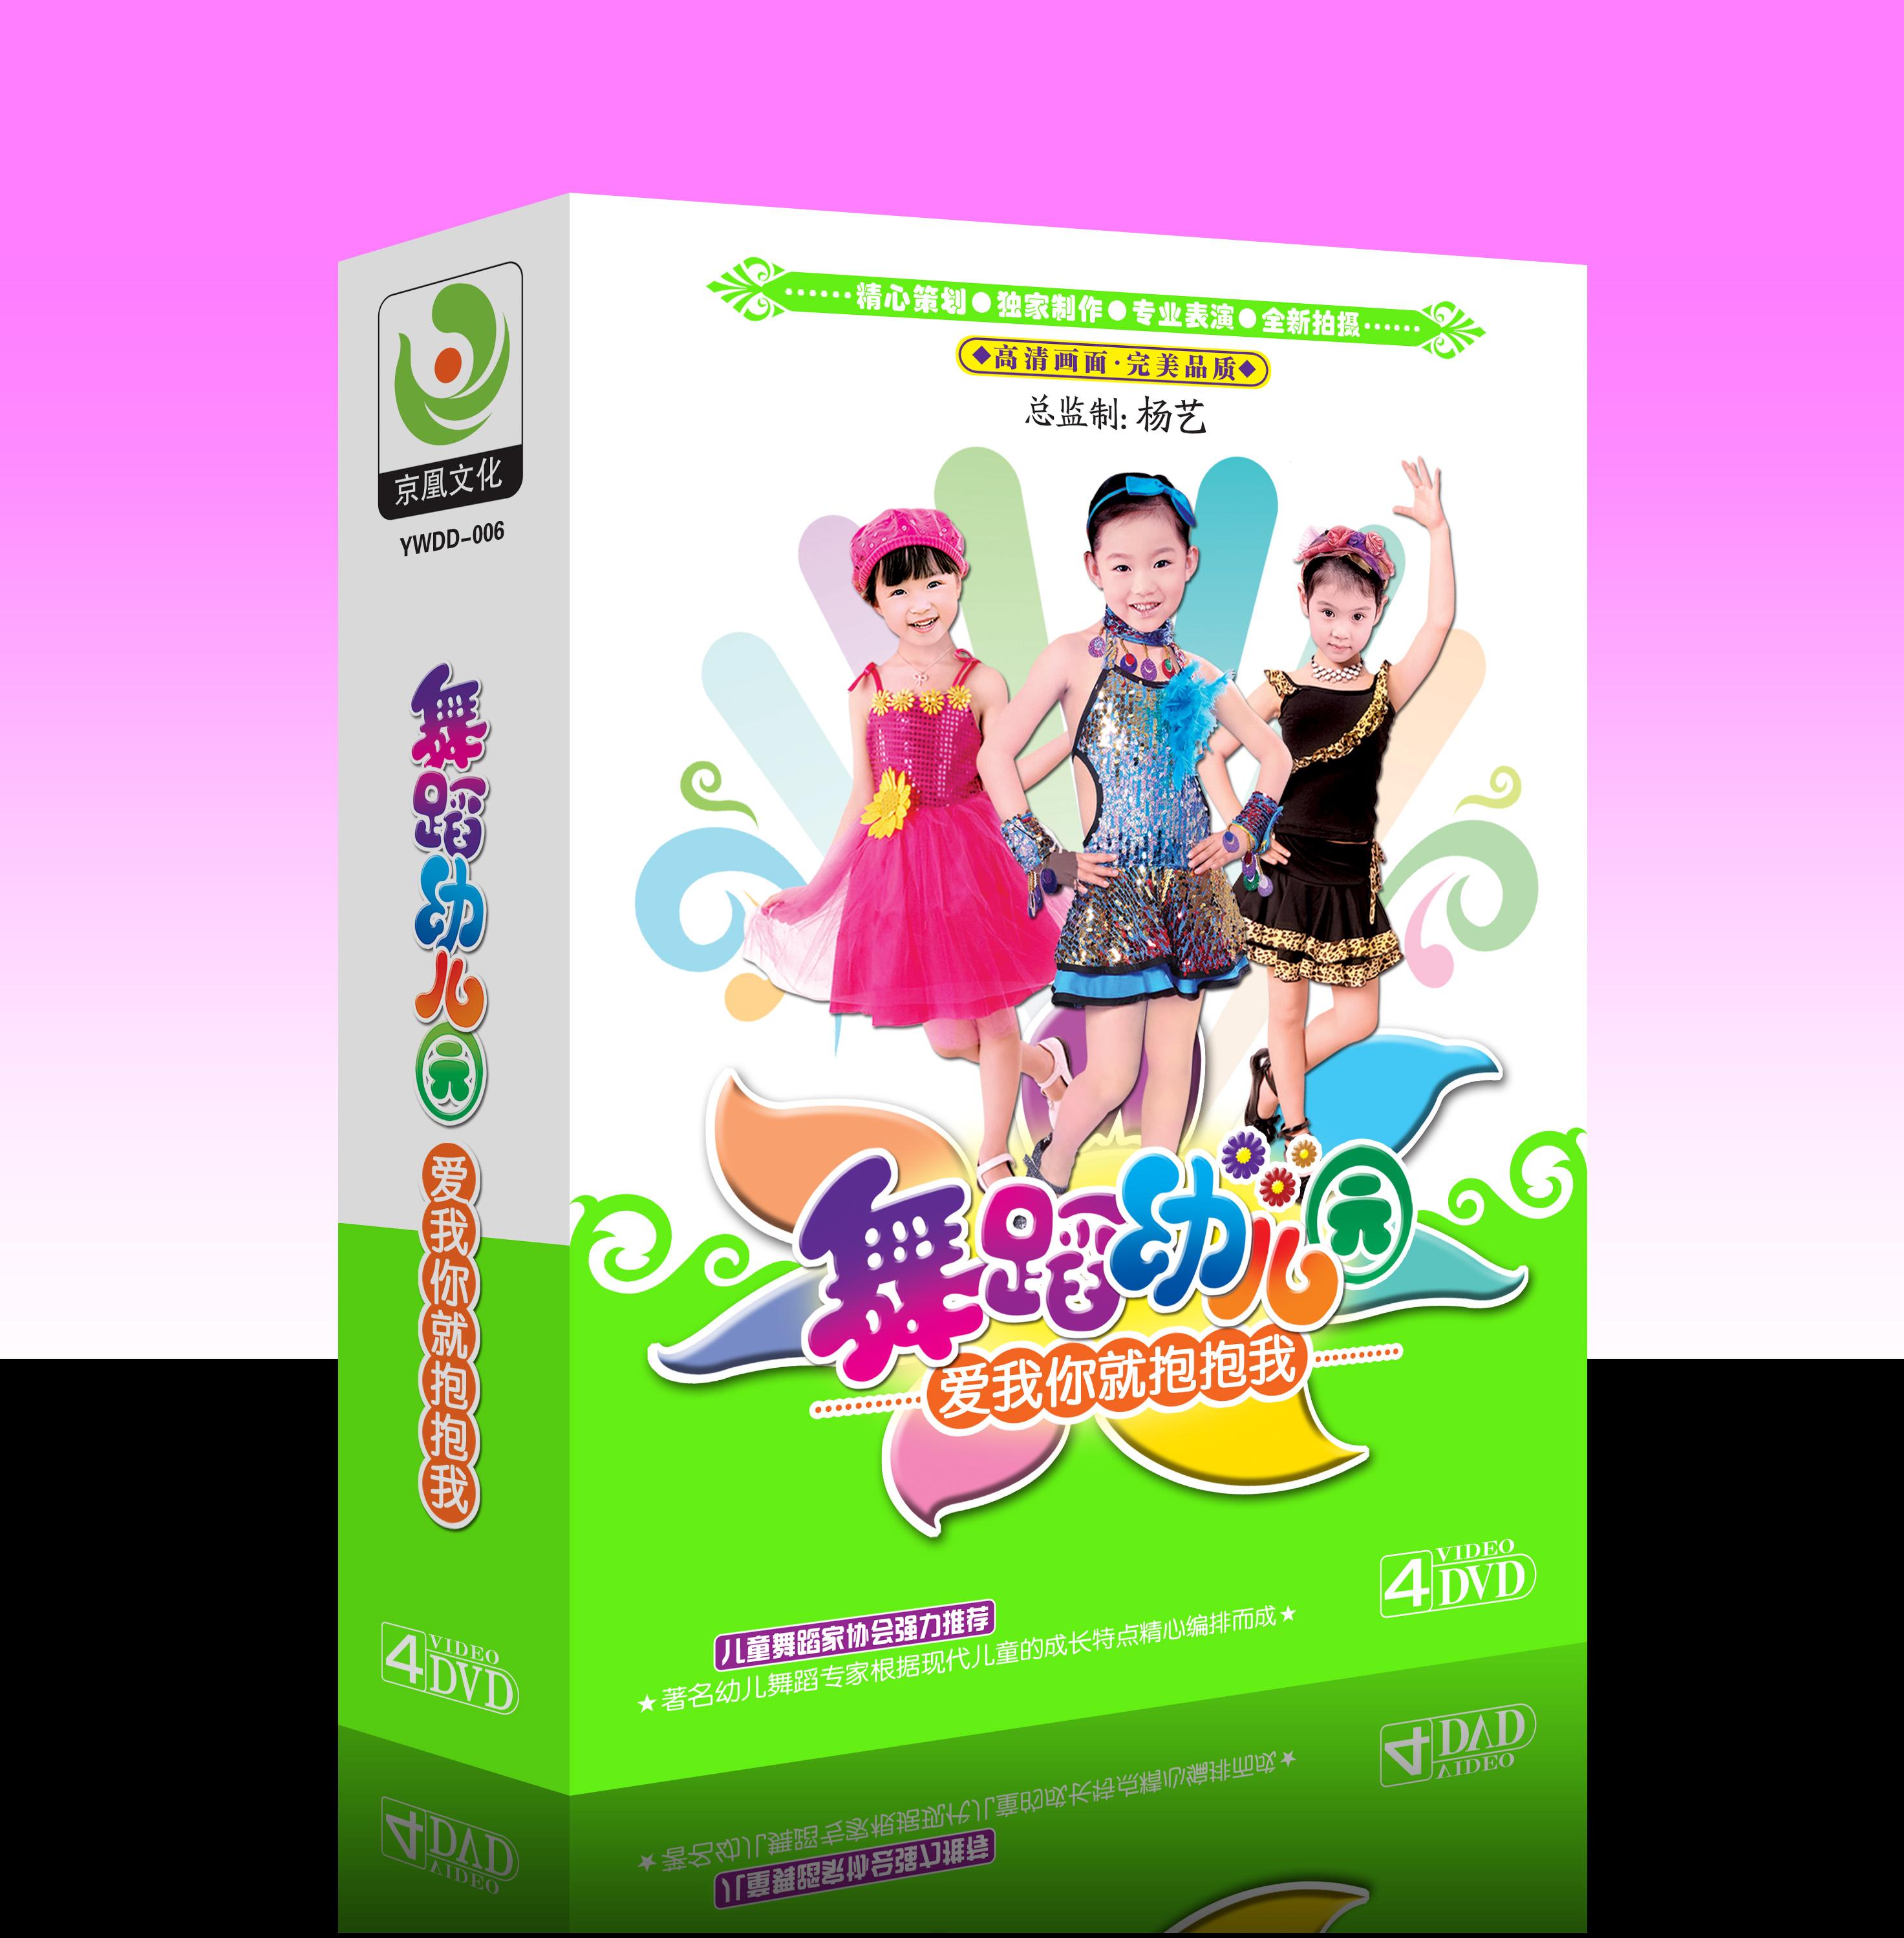 宝宝学跳舞儿童歌曲幼儿园儿歌伴舞蹈教学视频教程